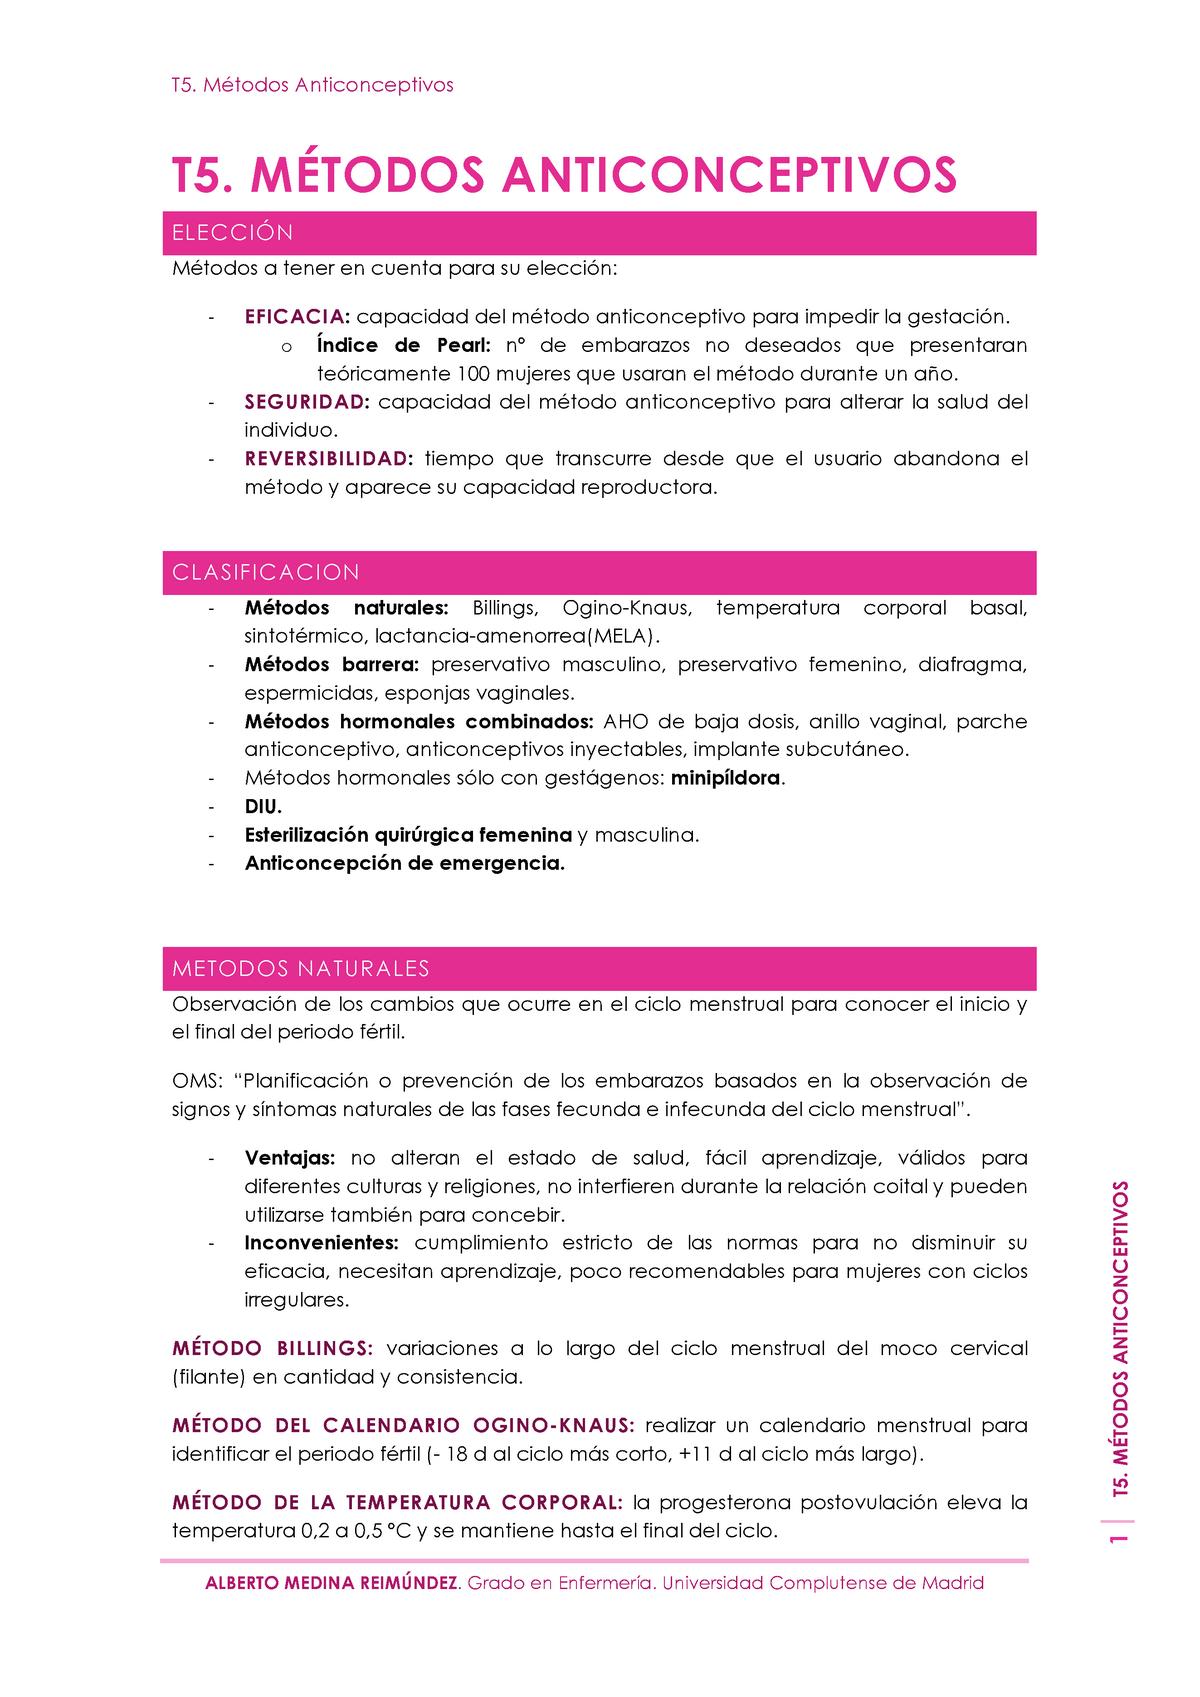 Metodo Del Calendario.T5 Metodos Anticonceptivos 801139 Enfermeria Materno Infantil